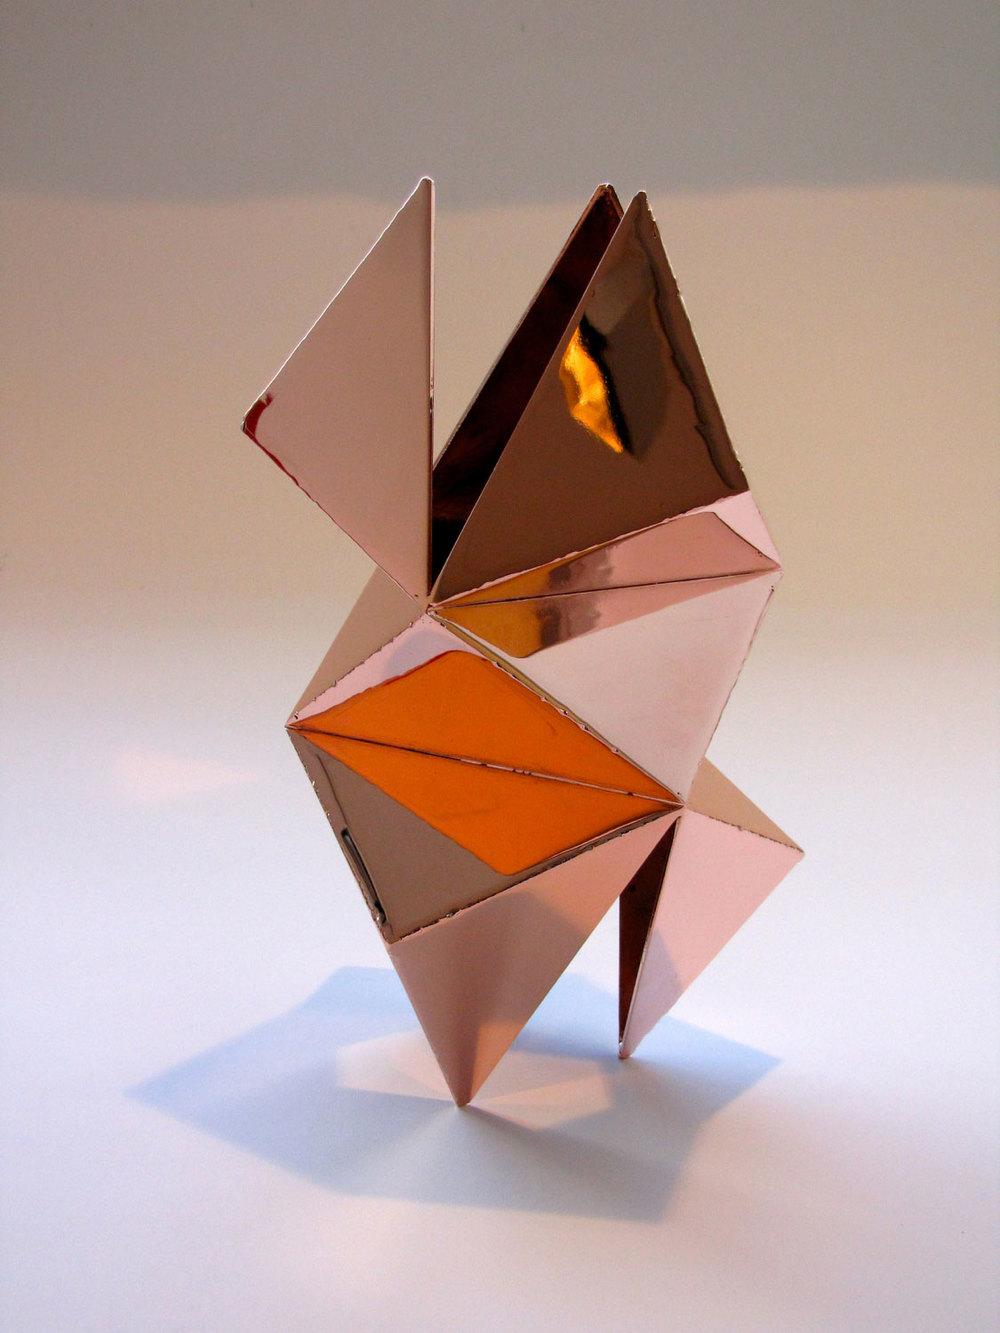 Sculptures-315---4.jpg